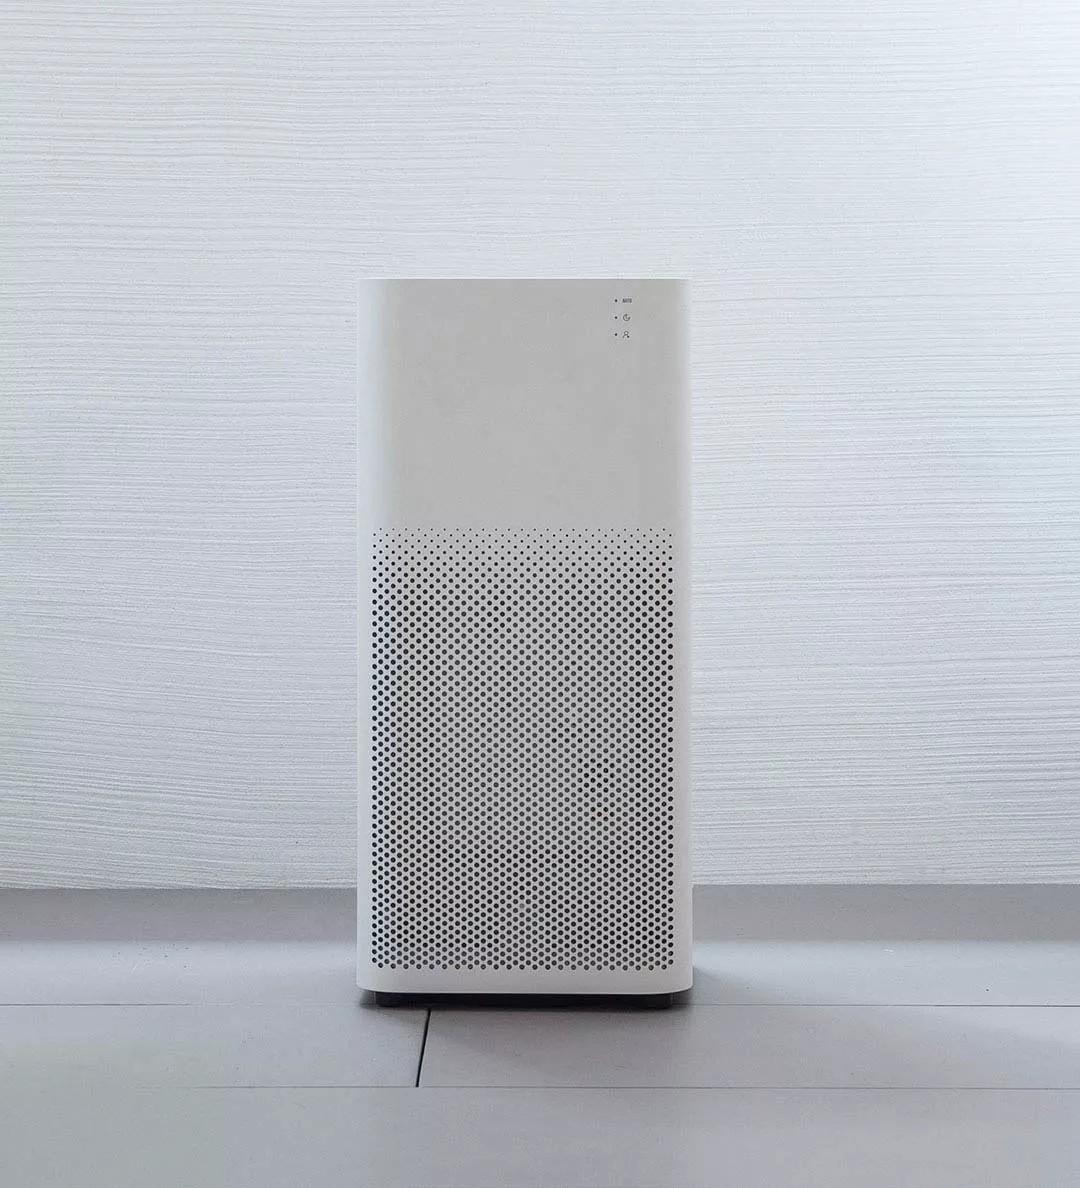 小米空气净化器2代智能家用卧室办公室内氧吧除甲醛雾霾粉尘PM2.5